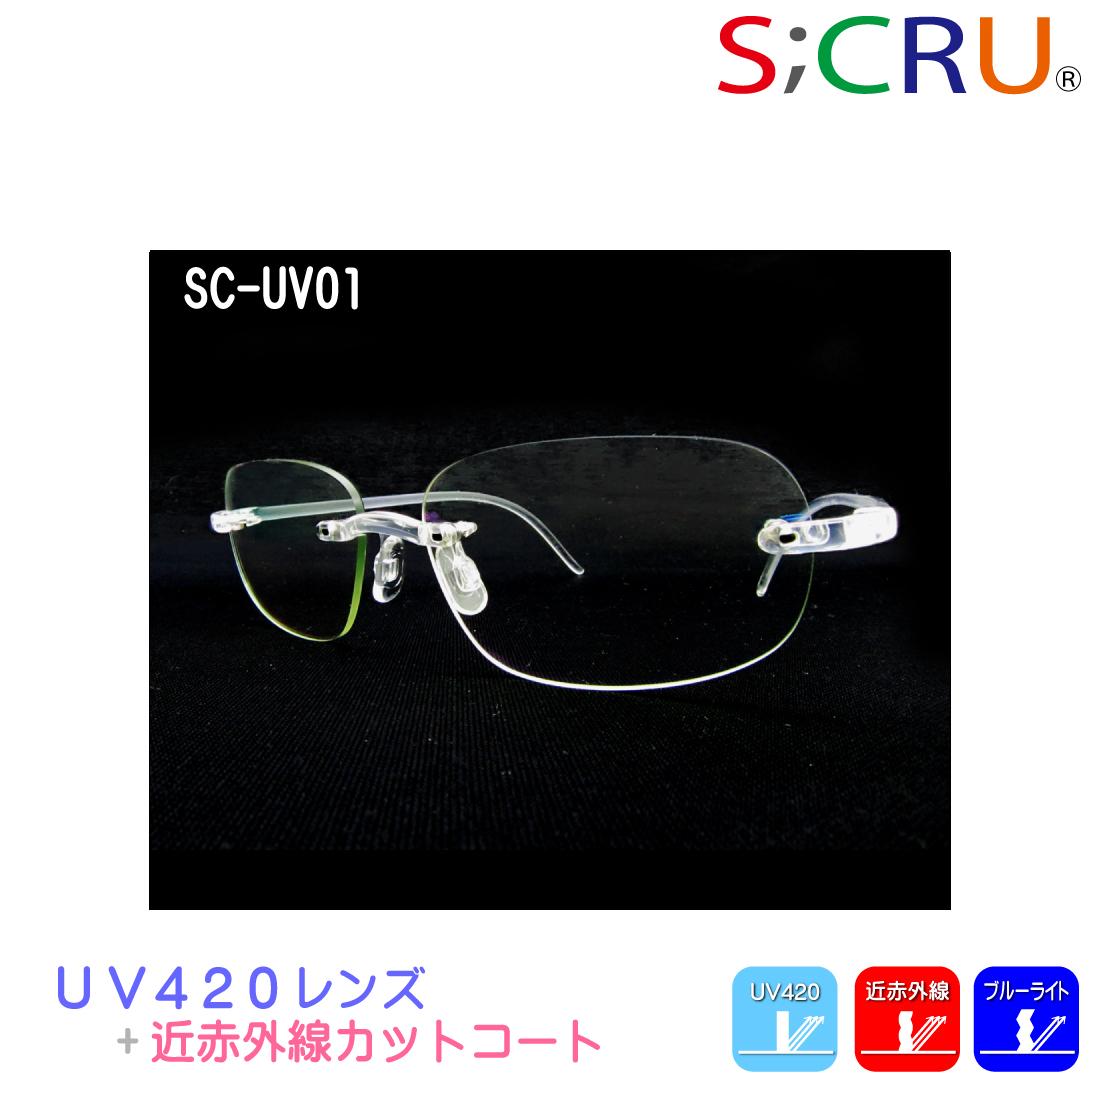 日本製 PC用 レンズの最高峰使用 UV420ブルーライト 近赤外線 カット メガネ 軽量 透明 クリアーエスクリュSC-UV01【眼鏡産地福井からお届け】